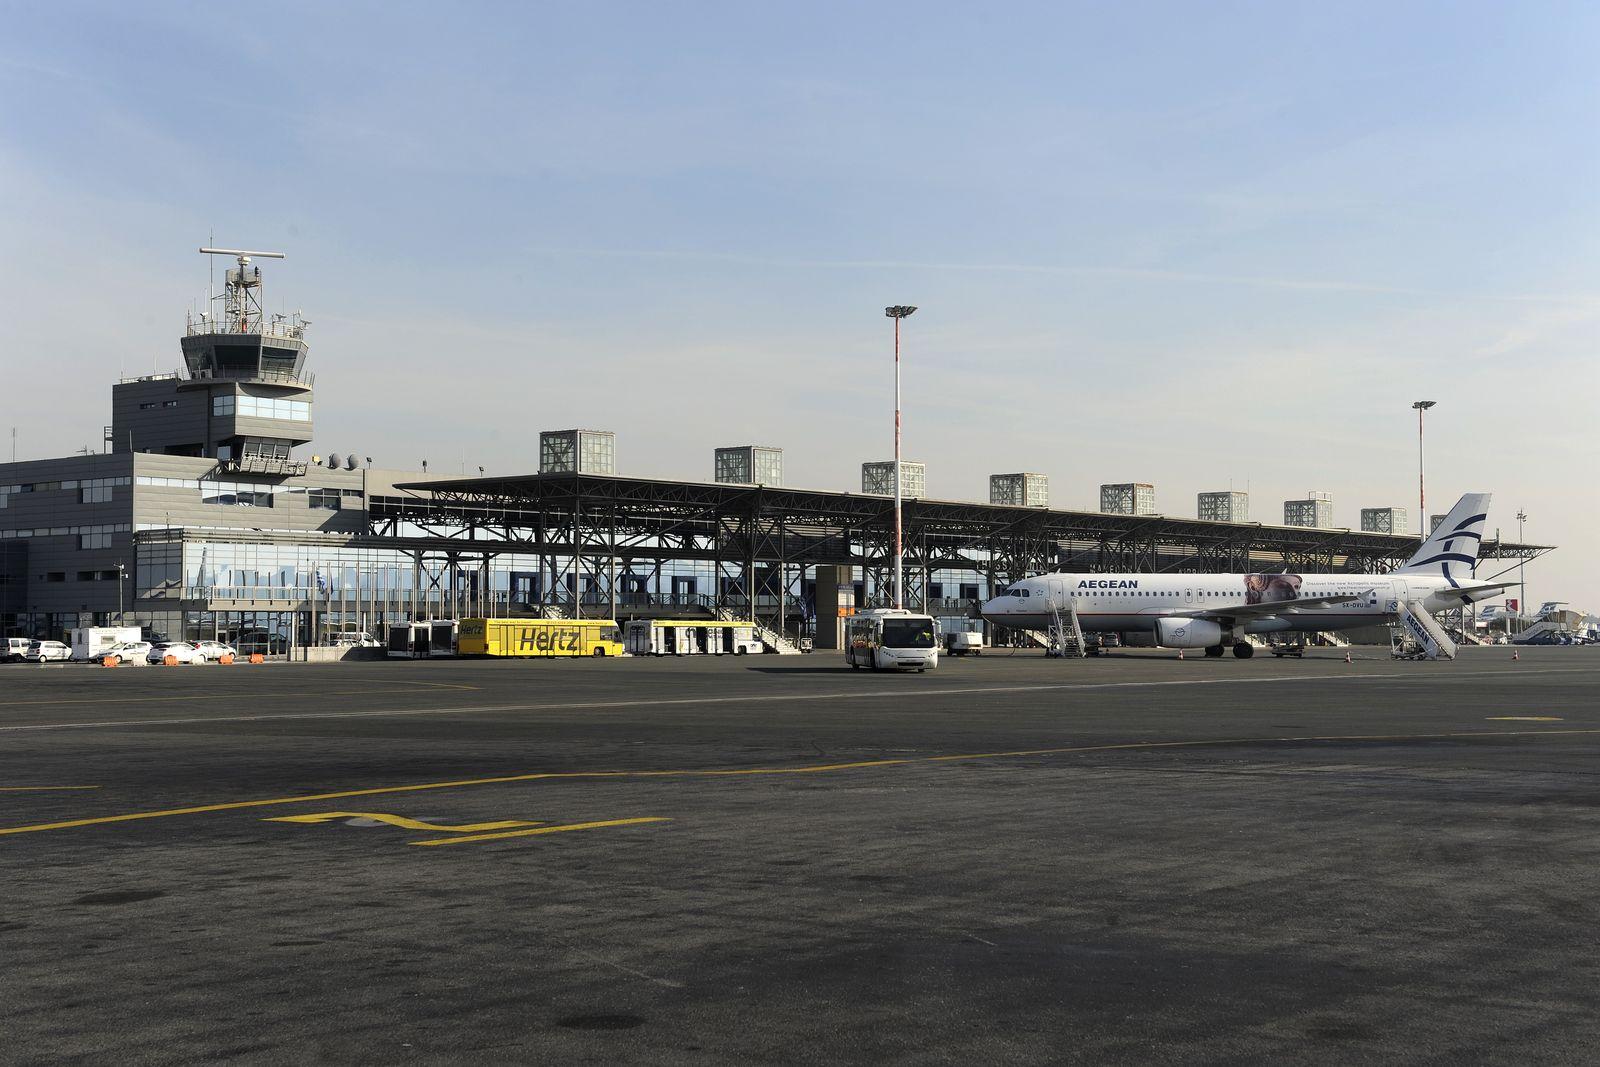 Griechenland Flughafen Thessaloniki/ Fraport